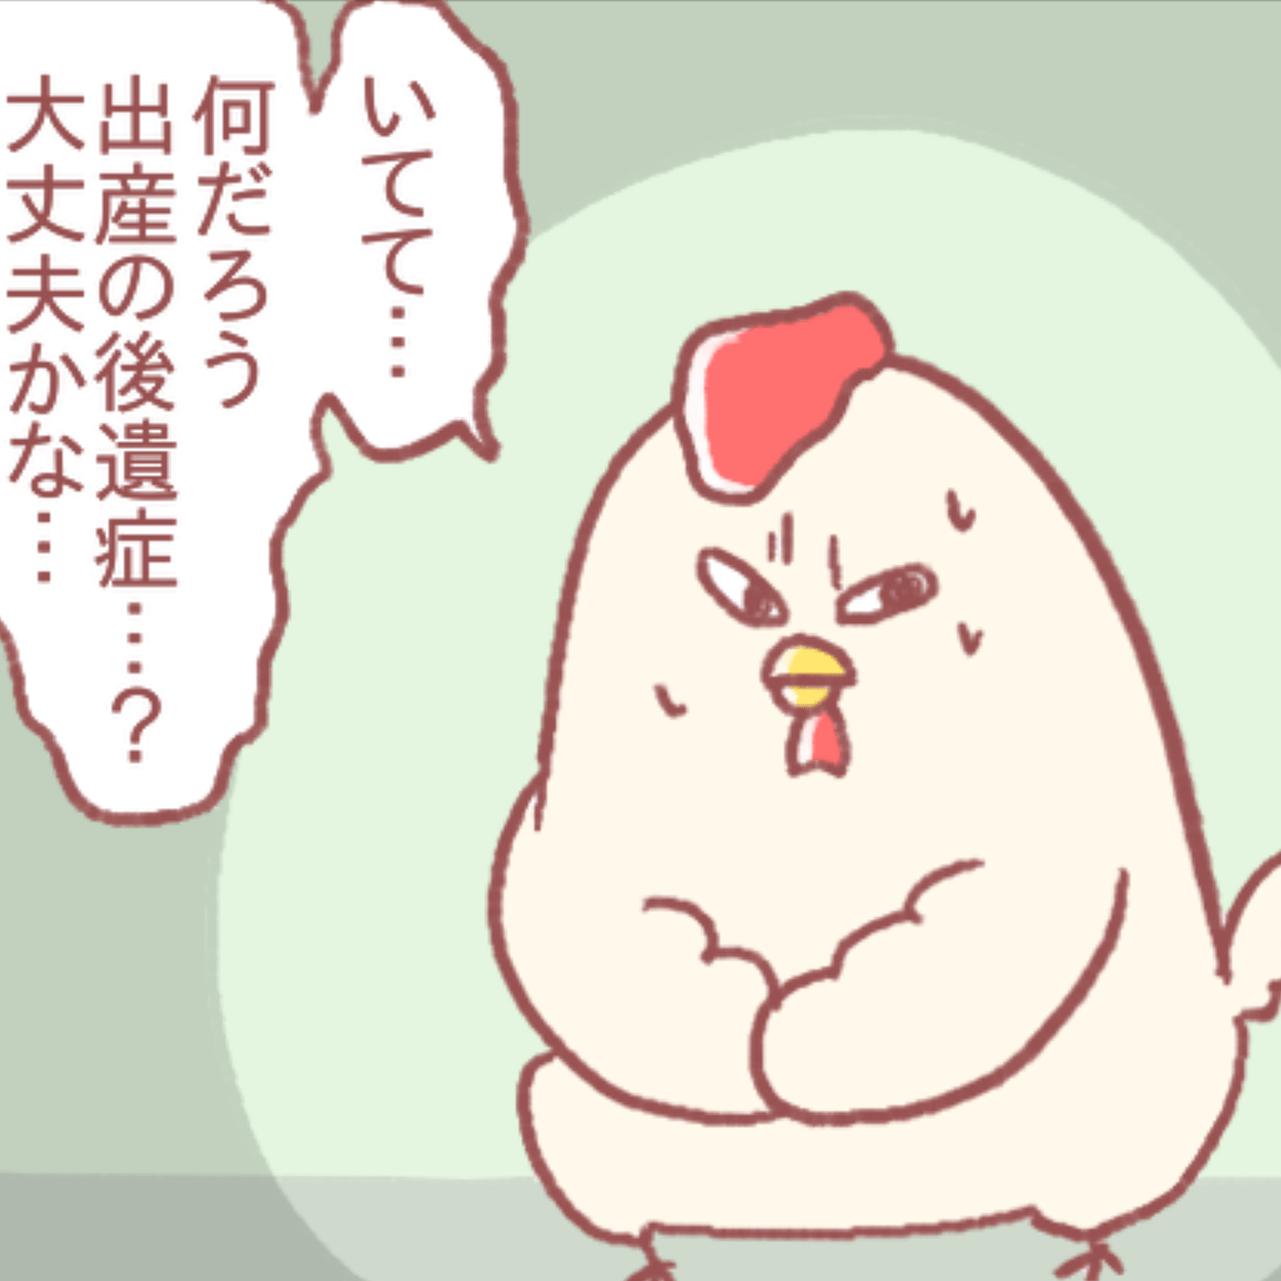 産後、生理の存在を完全に忘れてた|鳥谷丁子のオモテ育児・ウラ育児#19